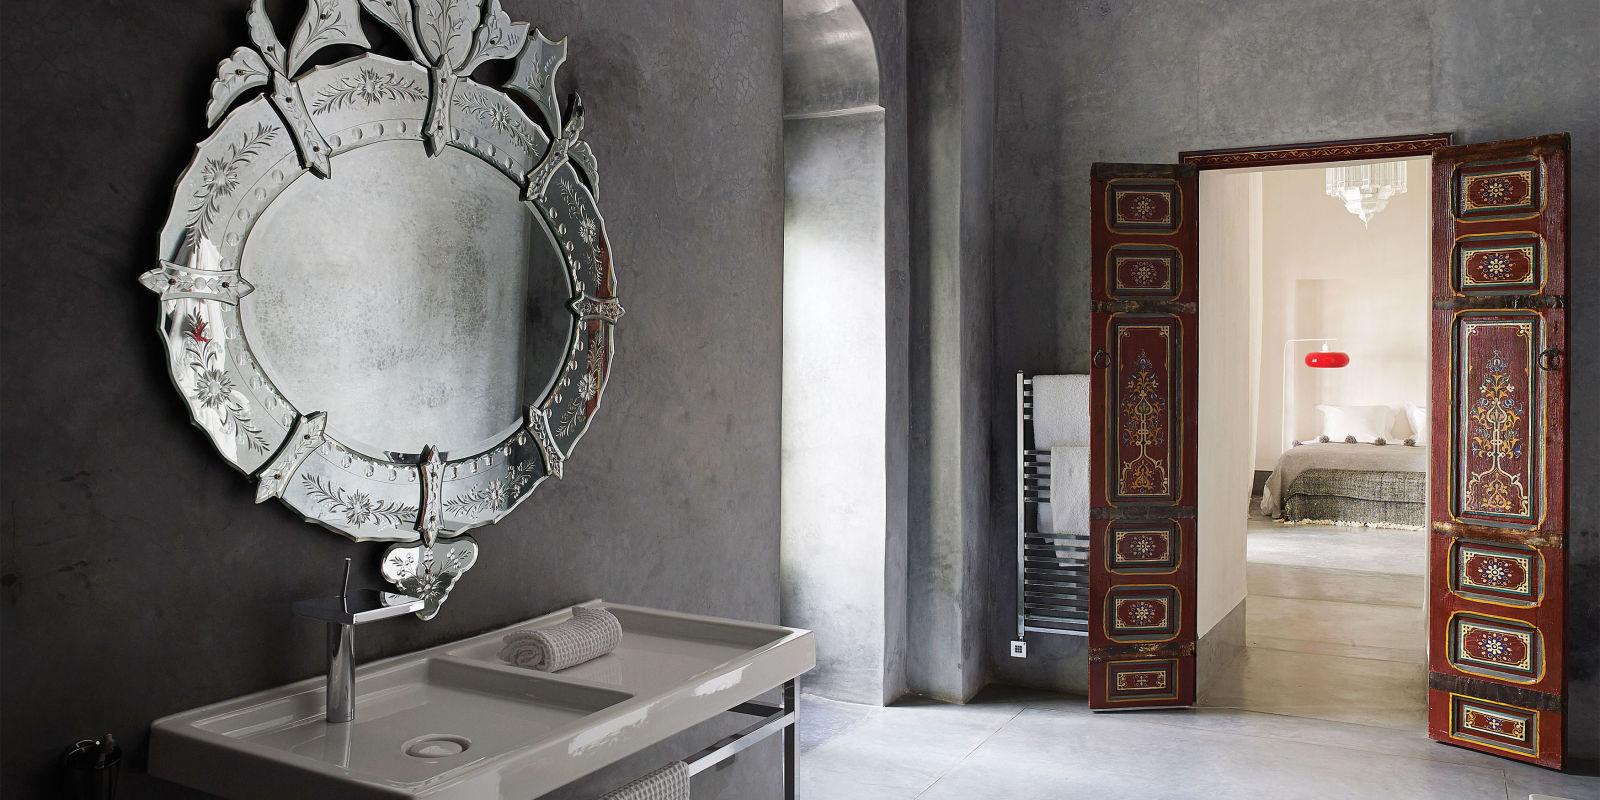 Landscape bathroom mirror